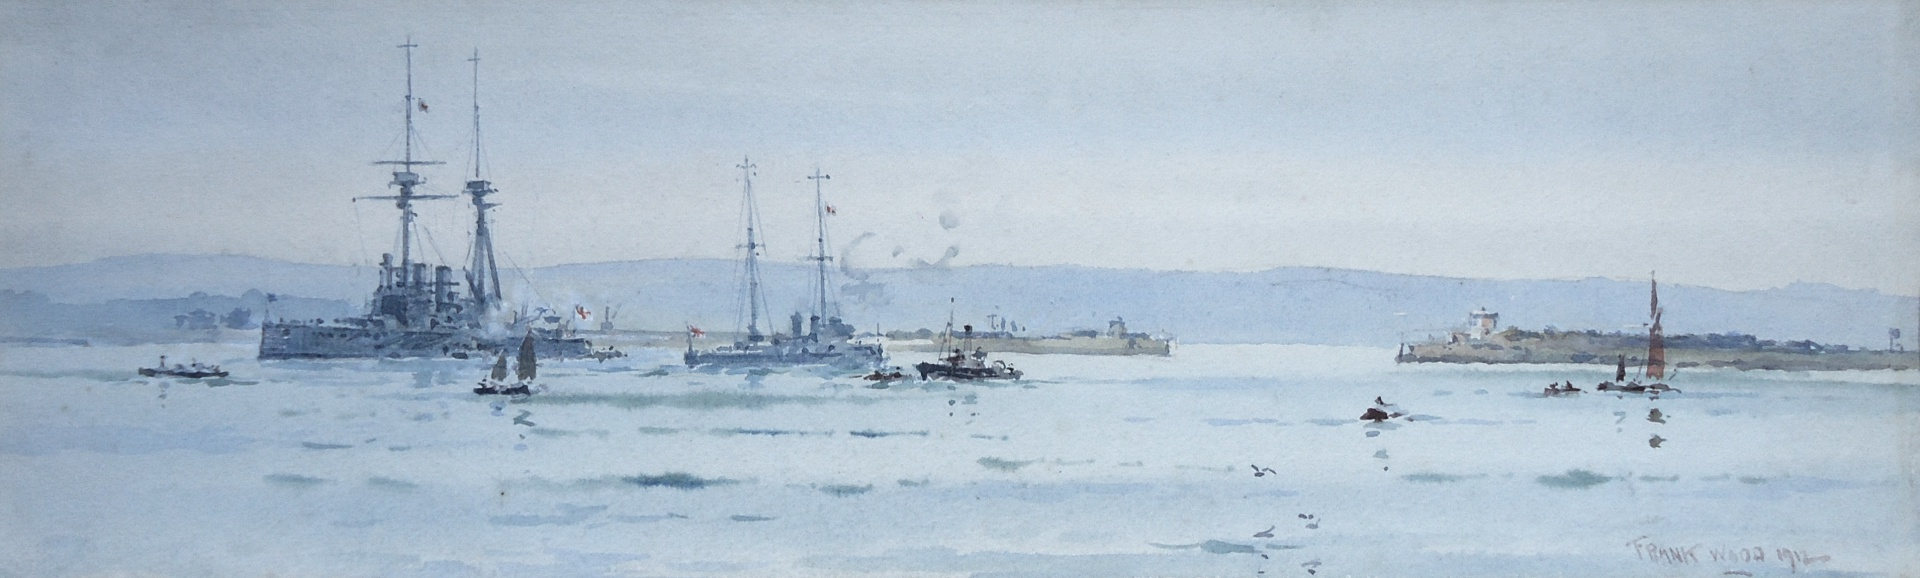 HMS AGAMEMNON at Portland